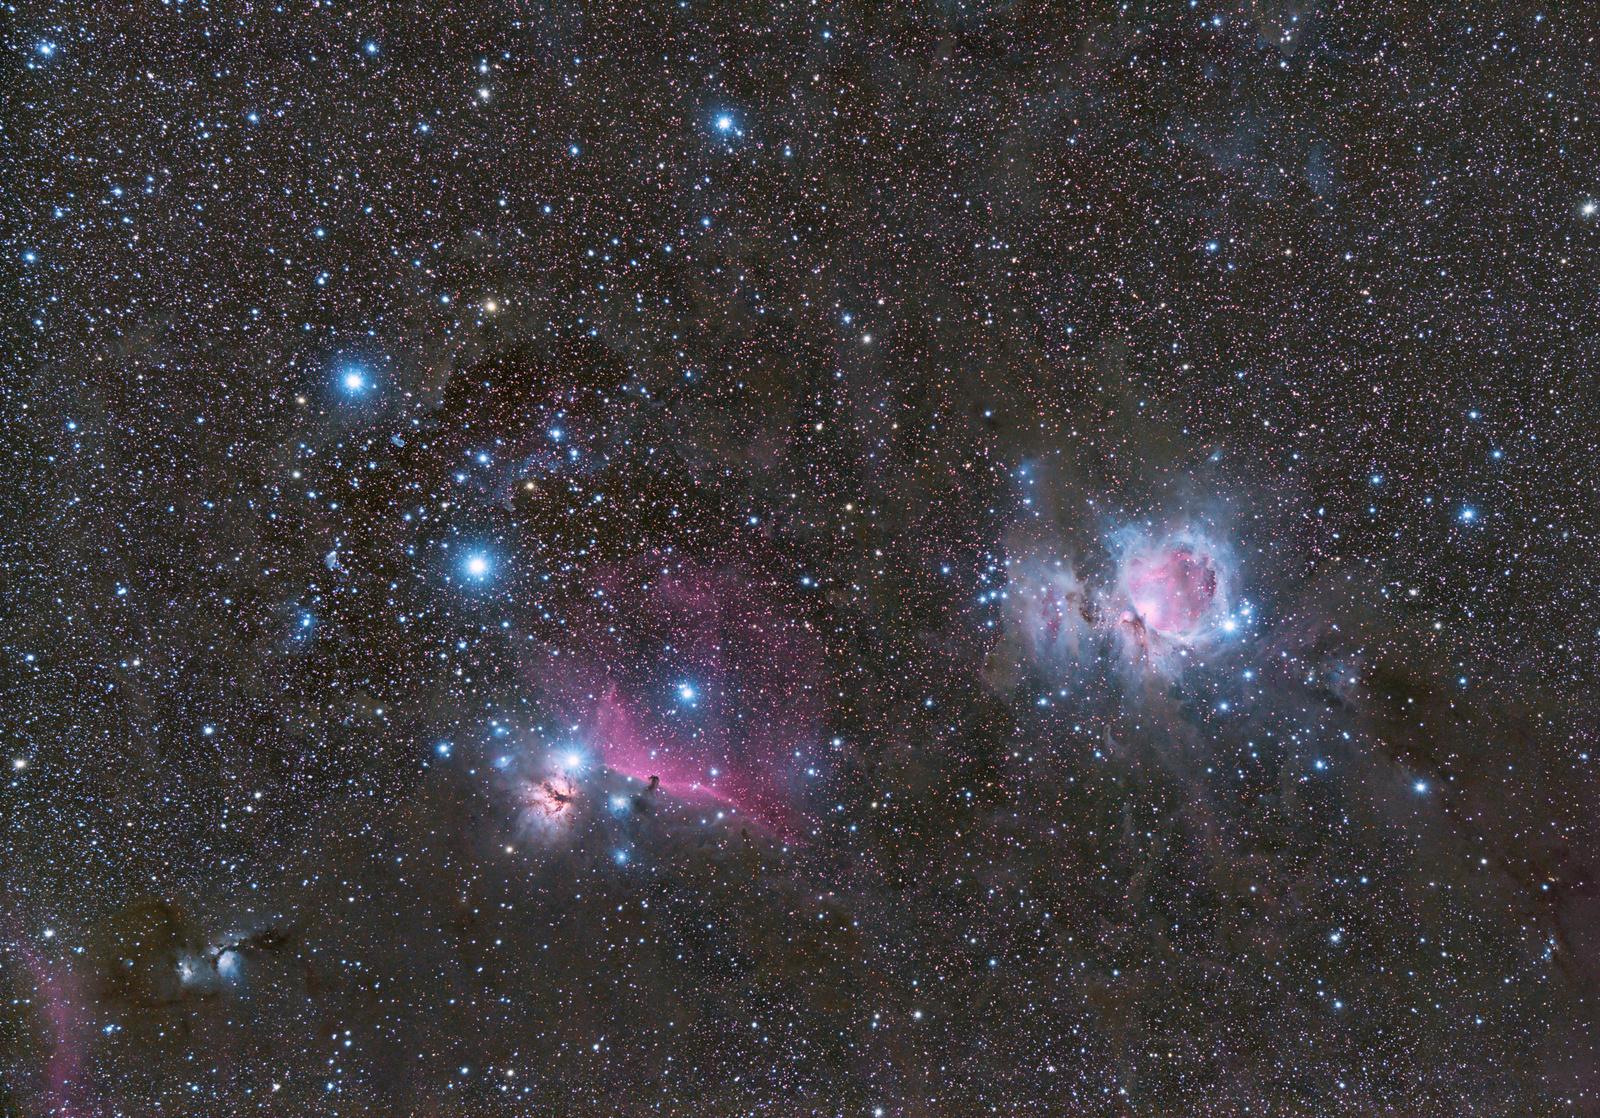 167392761_Orion135pixpixpsv2.thumb.jpg.aa7828c9d5b400adc48c80d229fa035d.jpg